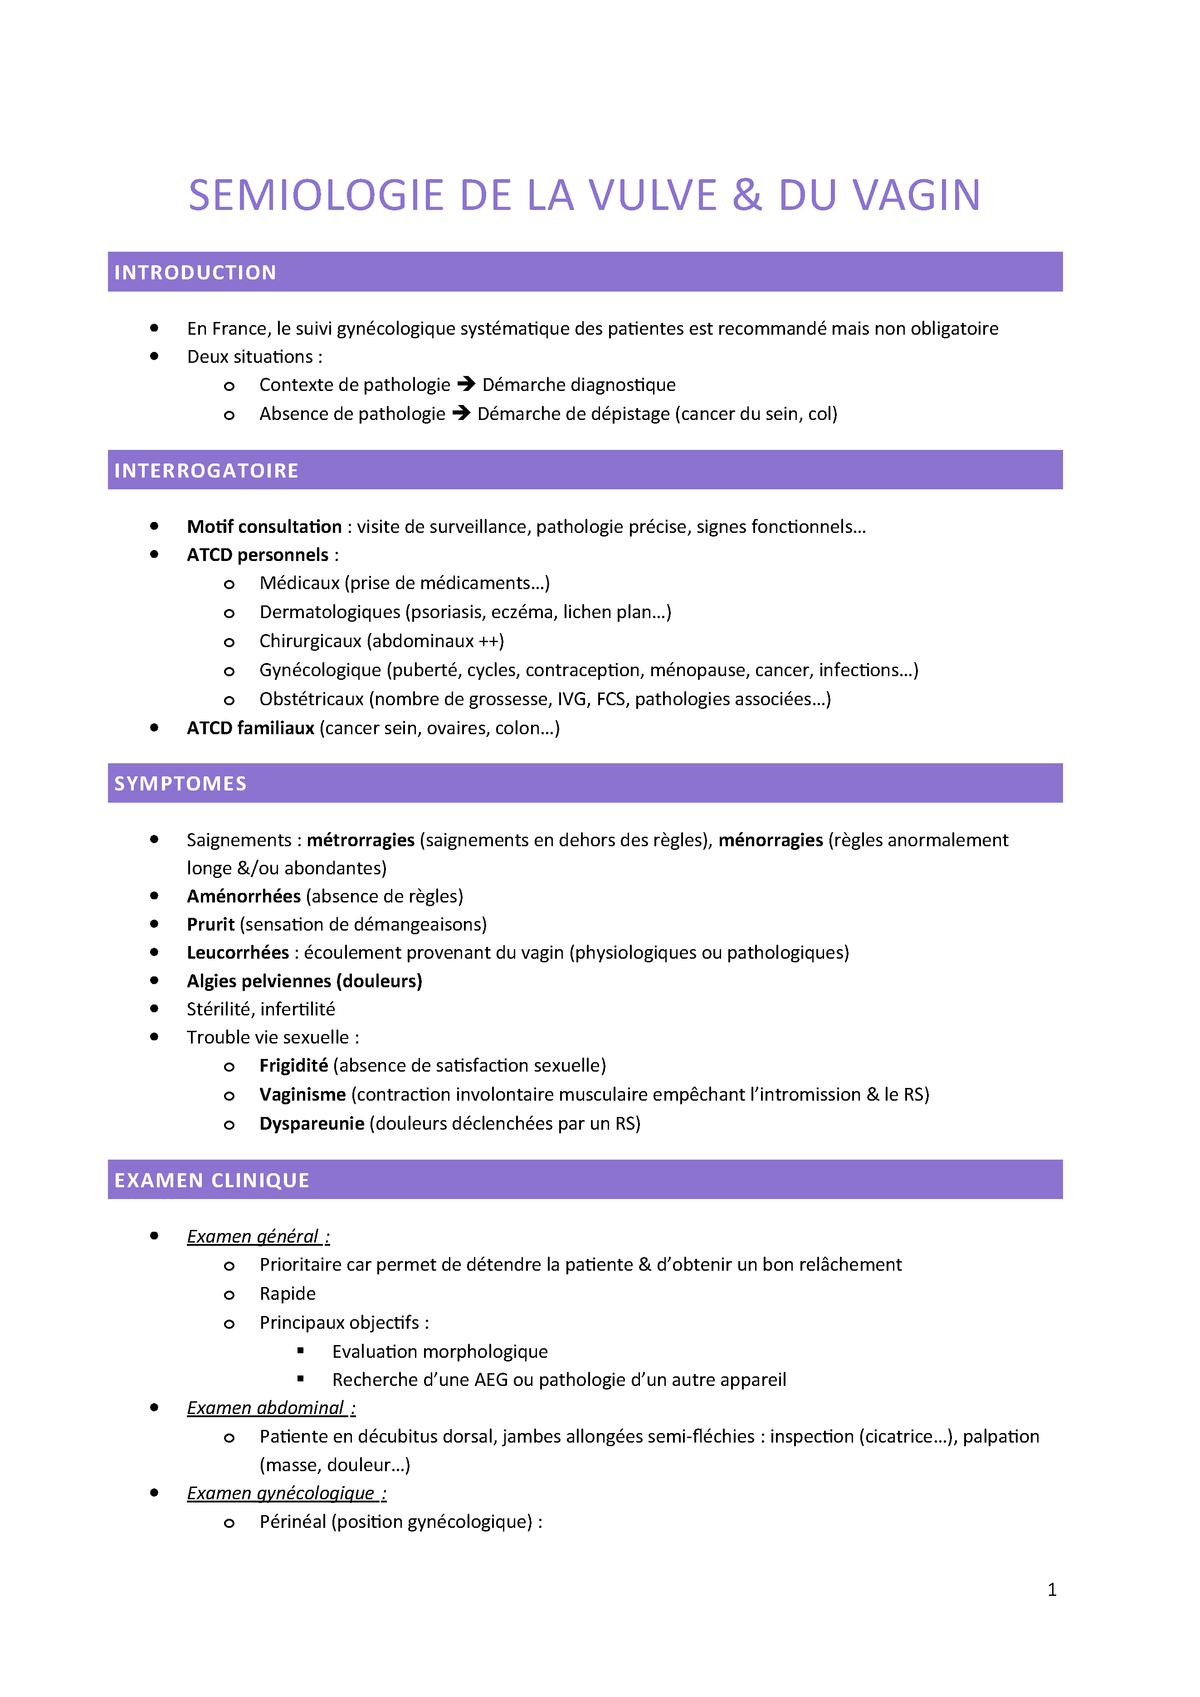 Vassilieff 1 - Sémiologie de la vulve et du vagin - - StuDocu